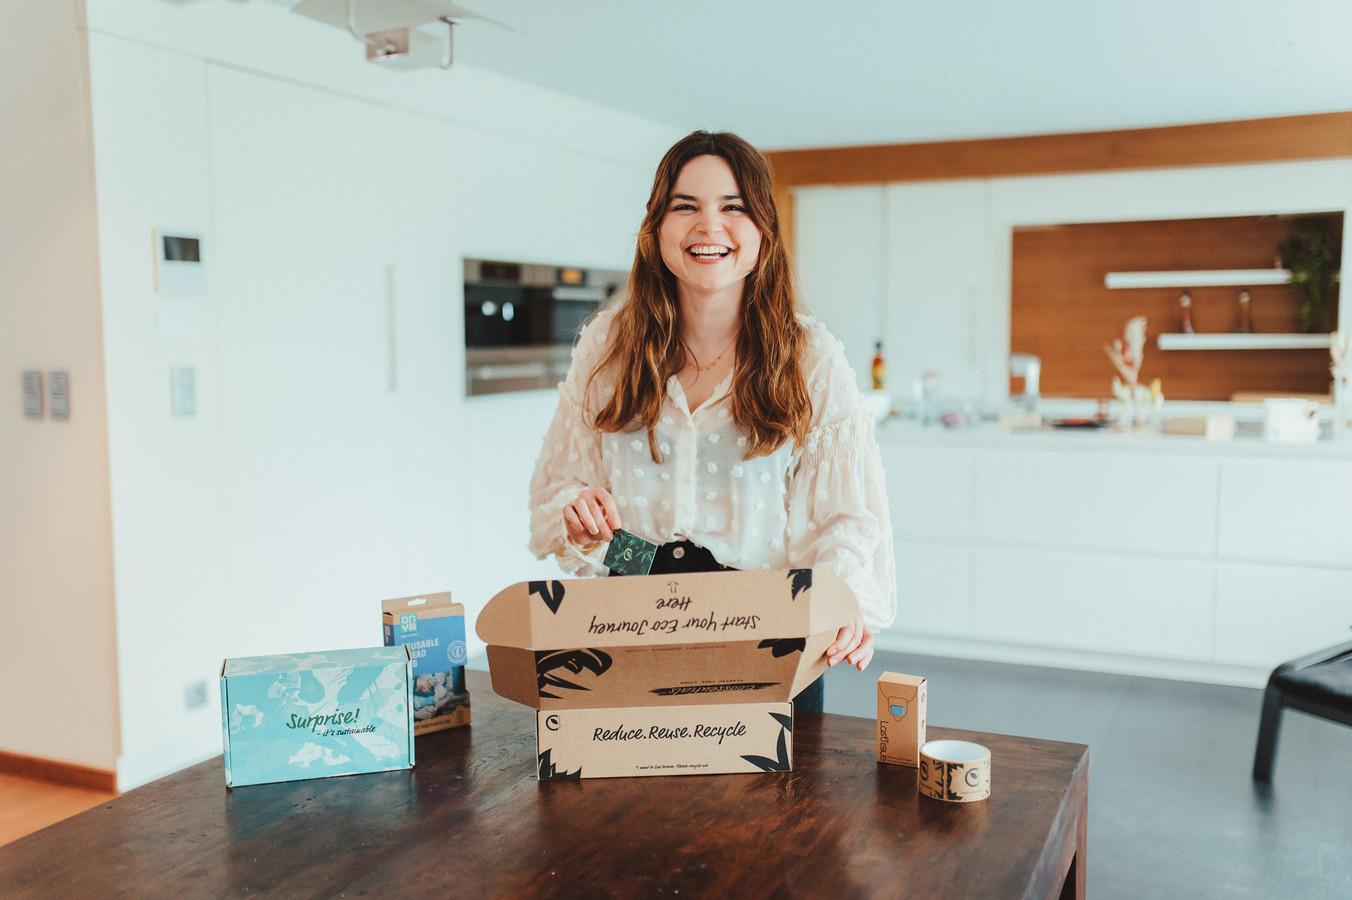 """Tunesisch-Belgische onderneemster Mounia Ladhib uit Brasschaat startte een webshop dat uitsluitend milieuvriendelijke spullen verkoopt: """"We hebben de klassieke zaken zoals Bamboo-tandenborstels en scheermesjes, maar ook 'speciallekes' zoals menstruatieondergoed!"""""""